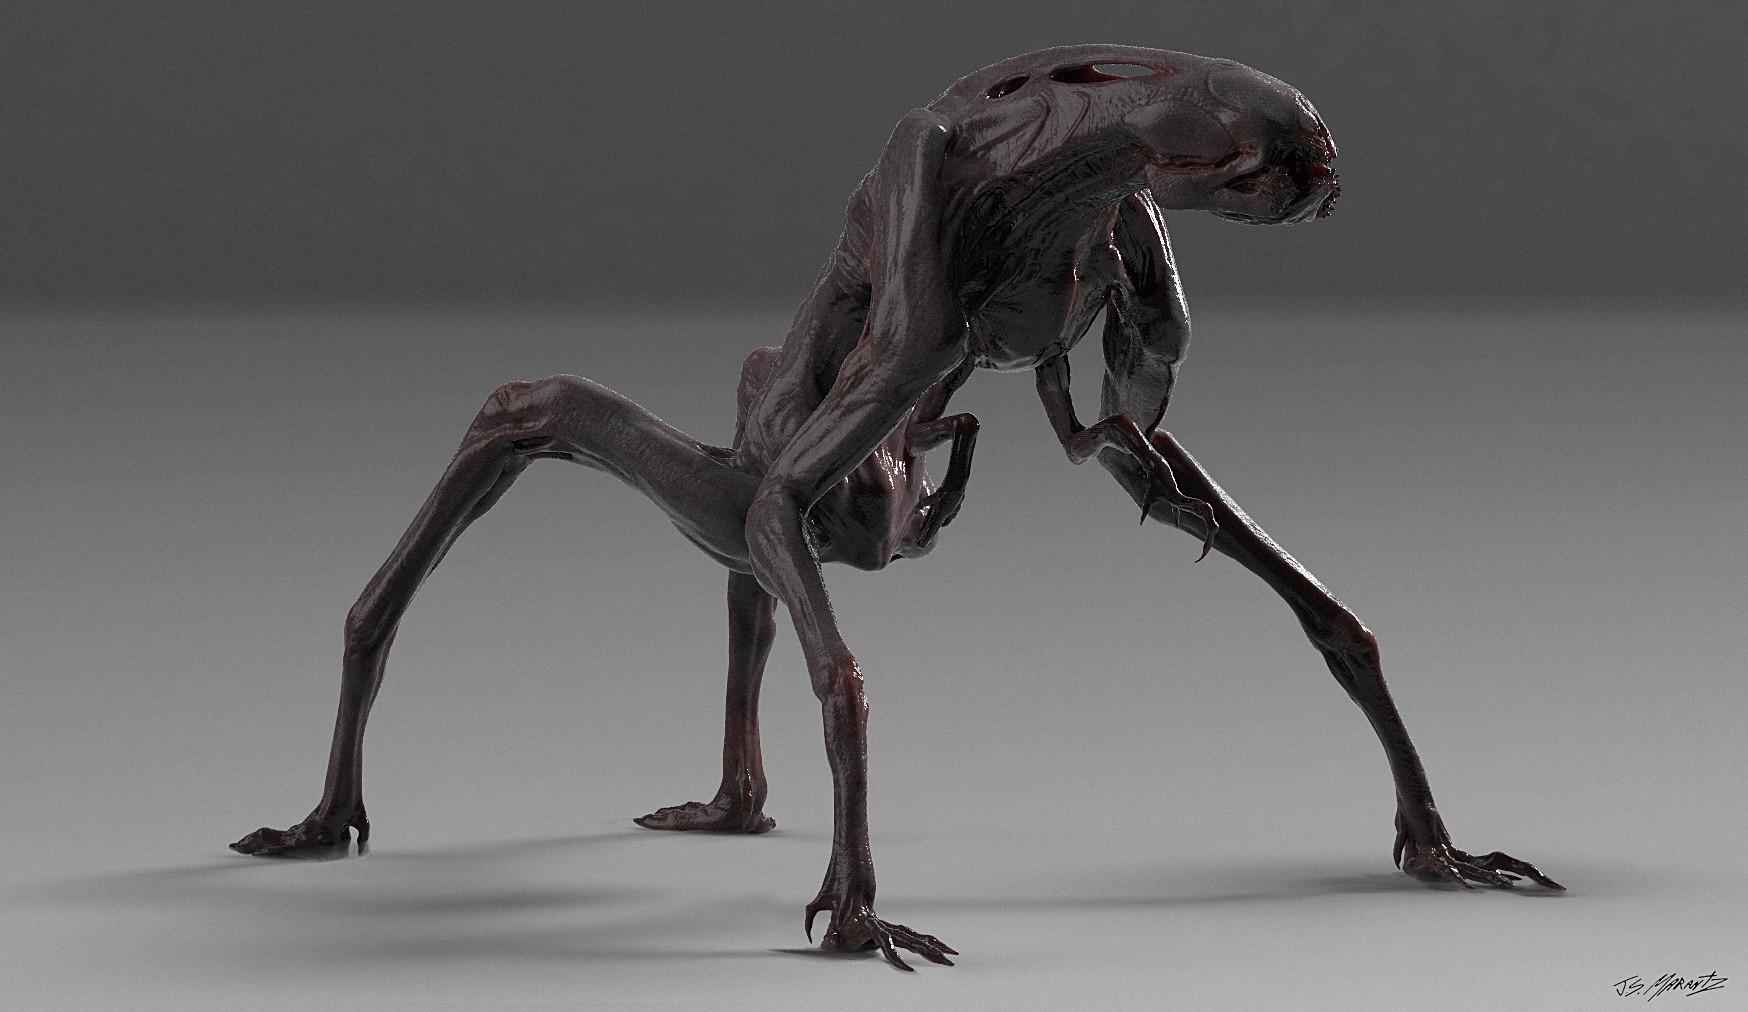 Jerx marantz creature render 4